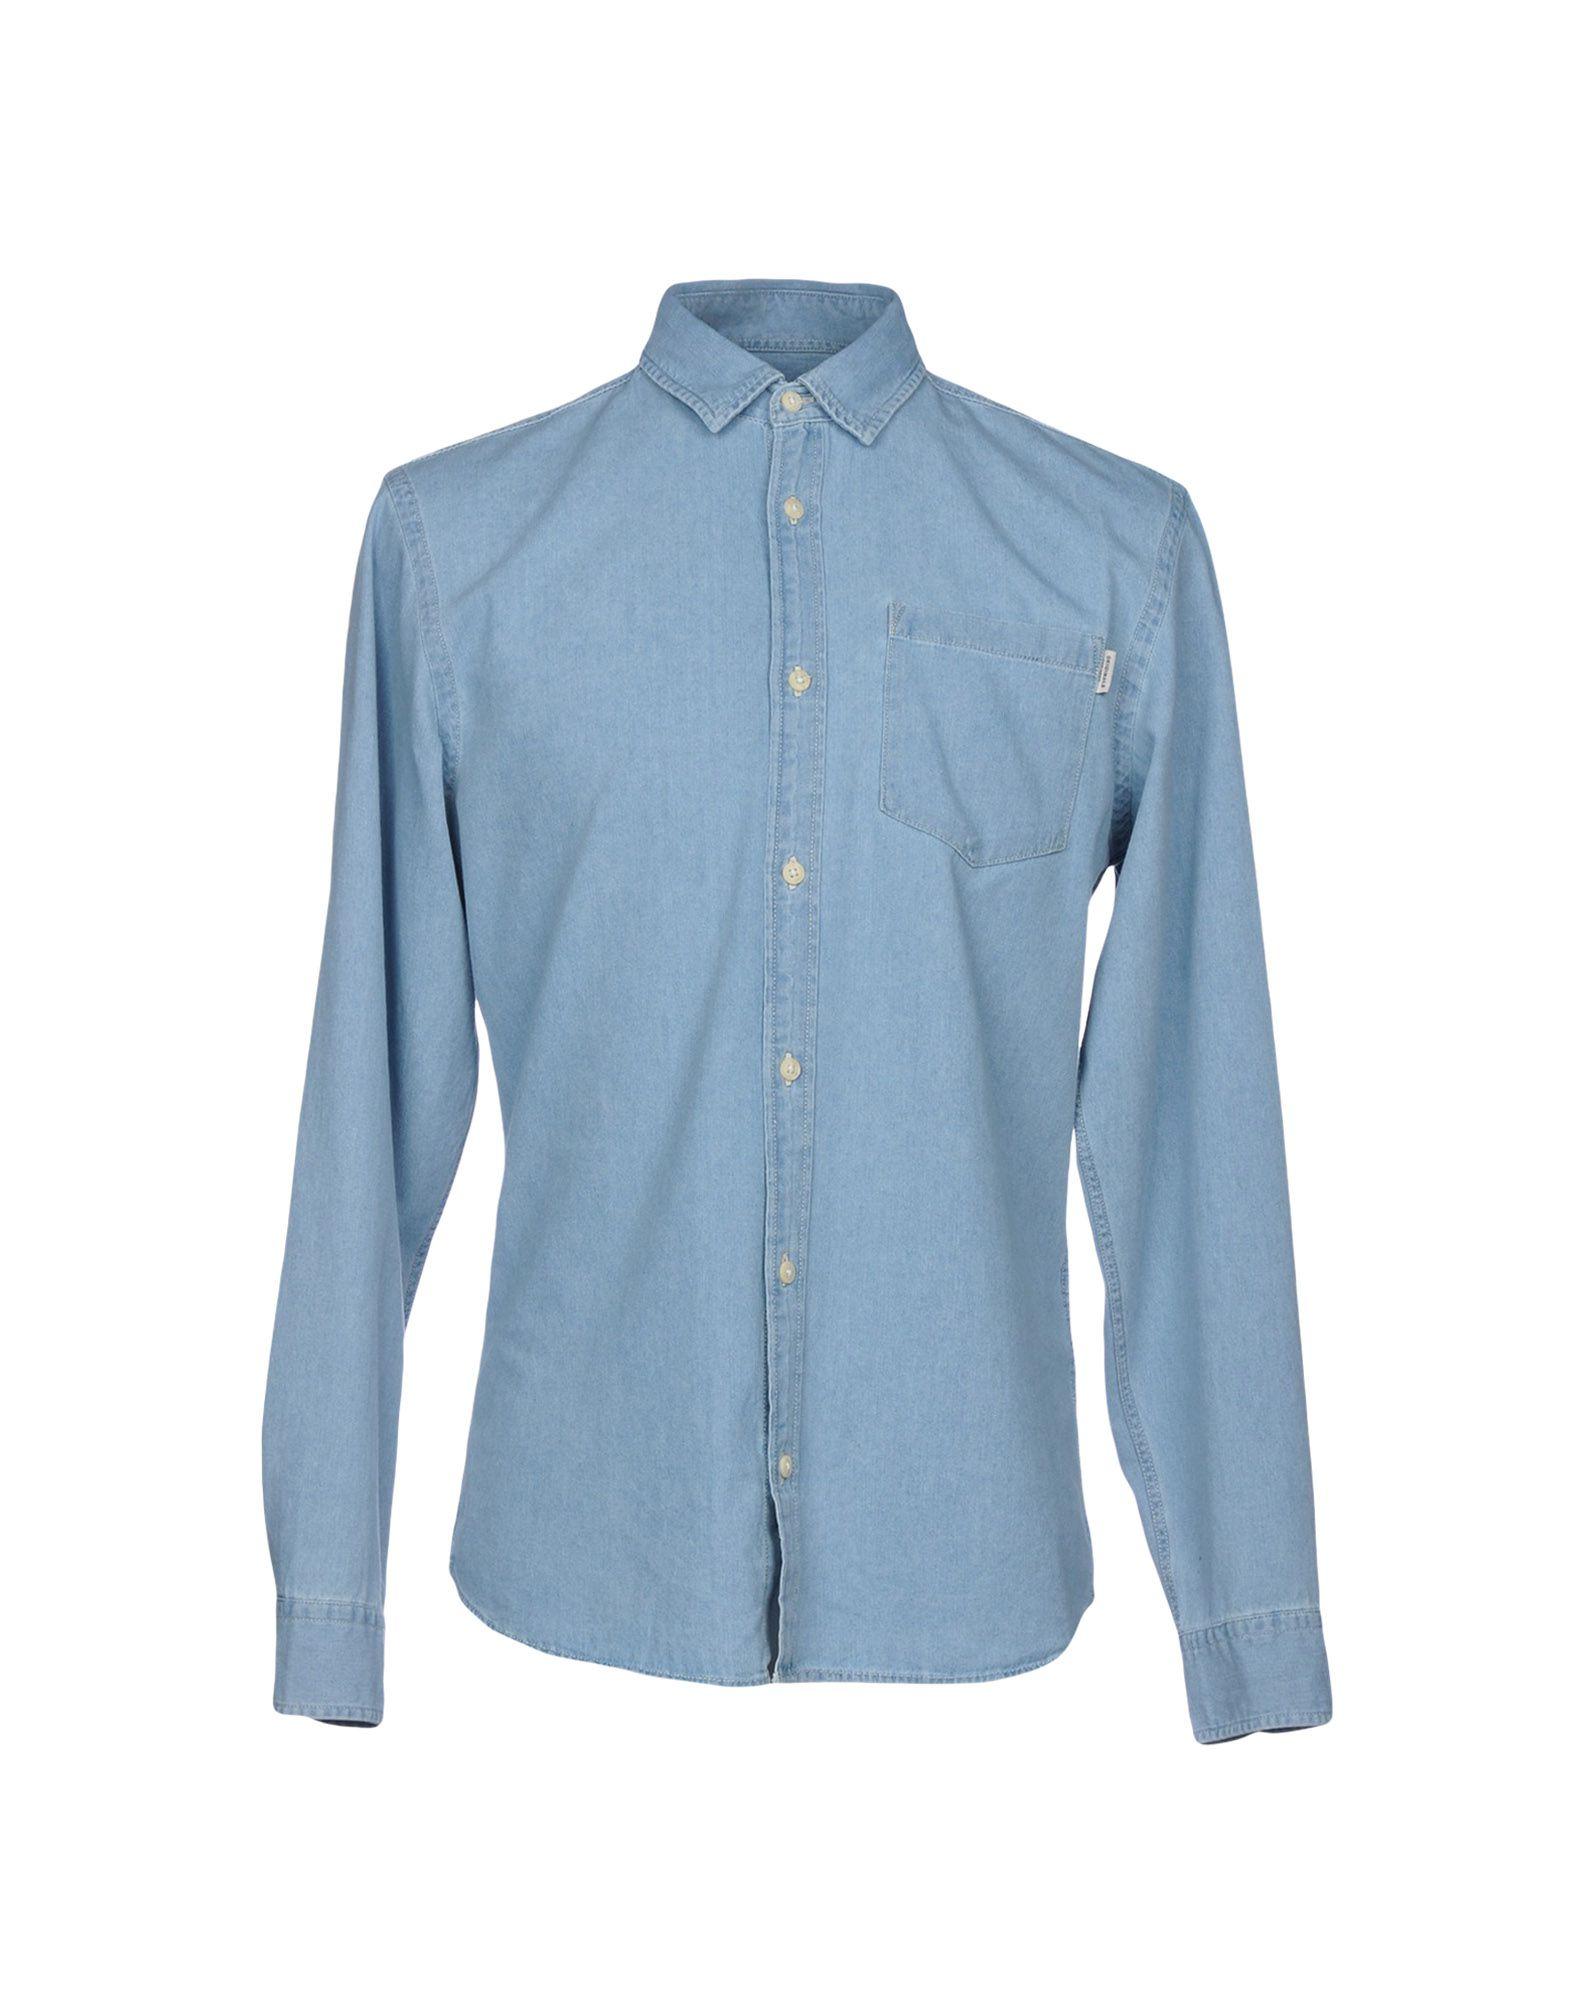 《送料無料》JACK & JONES ORIGINALS メンズ デニムシャツ ブルー S コットン 100%